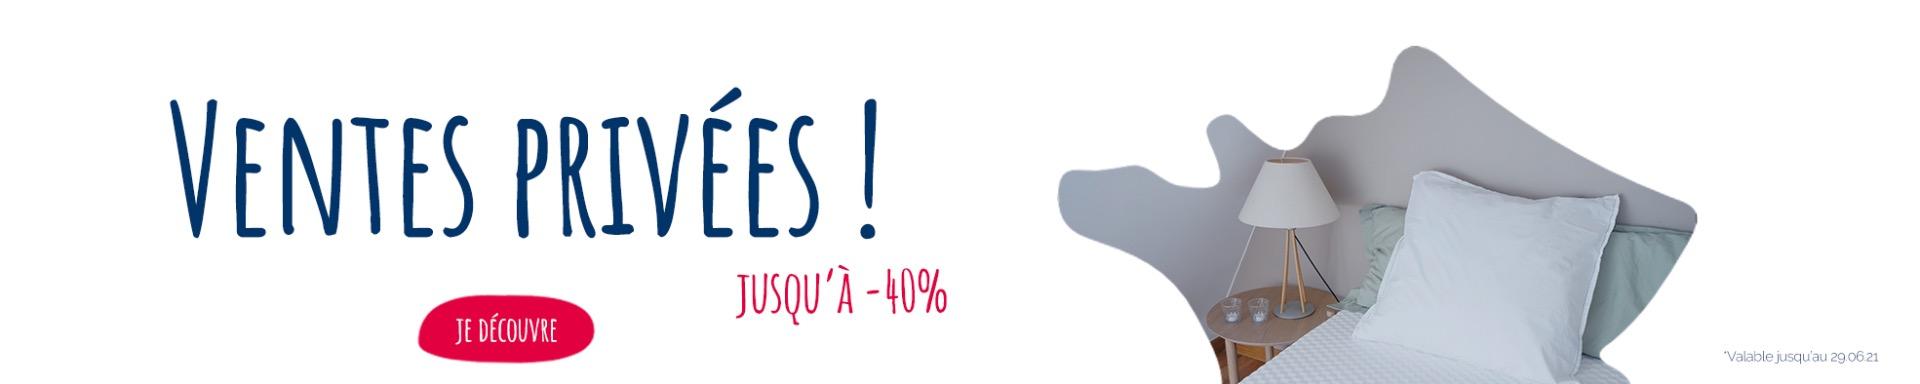 French Days sur les matelas Adulte et Senior jusqu' 40% et 20% sur les enfants, bébé, sommier, surmatelas et accessoires